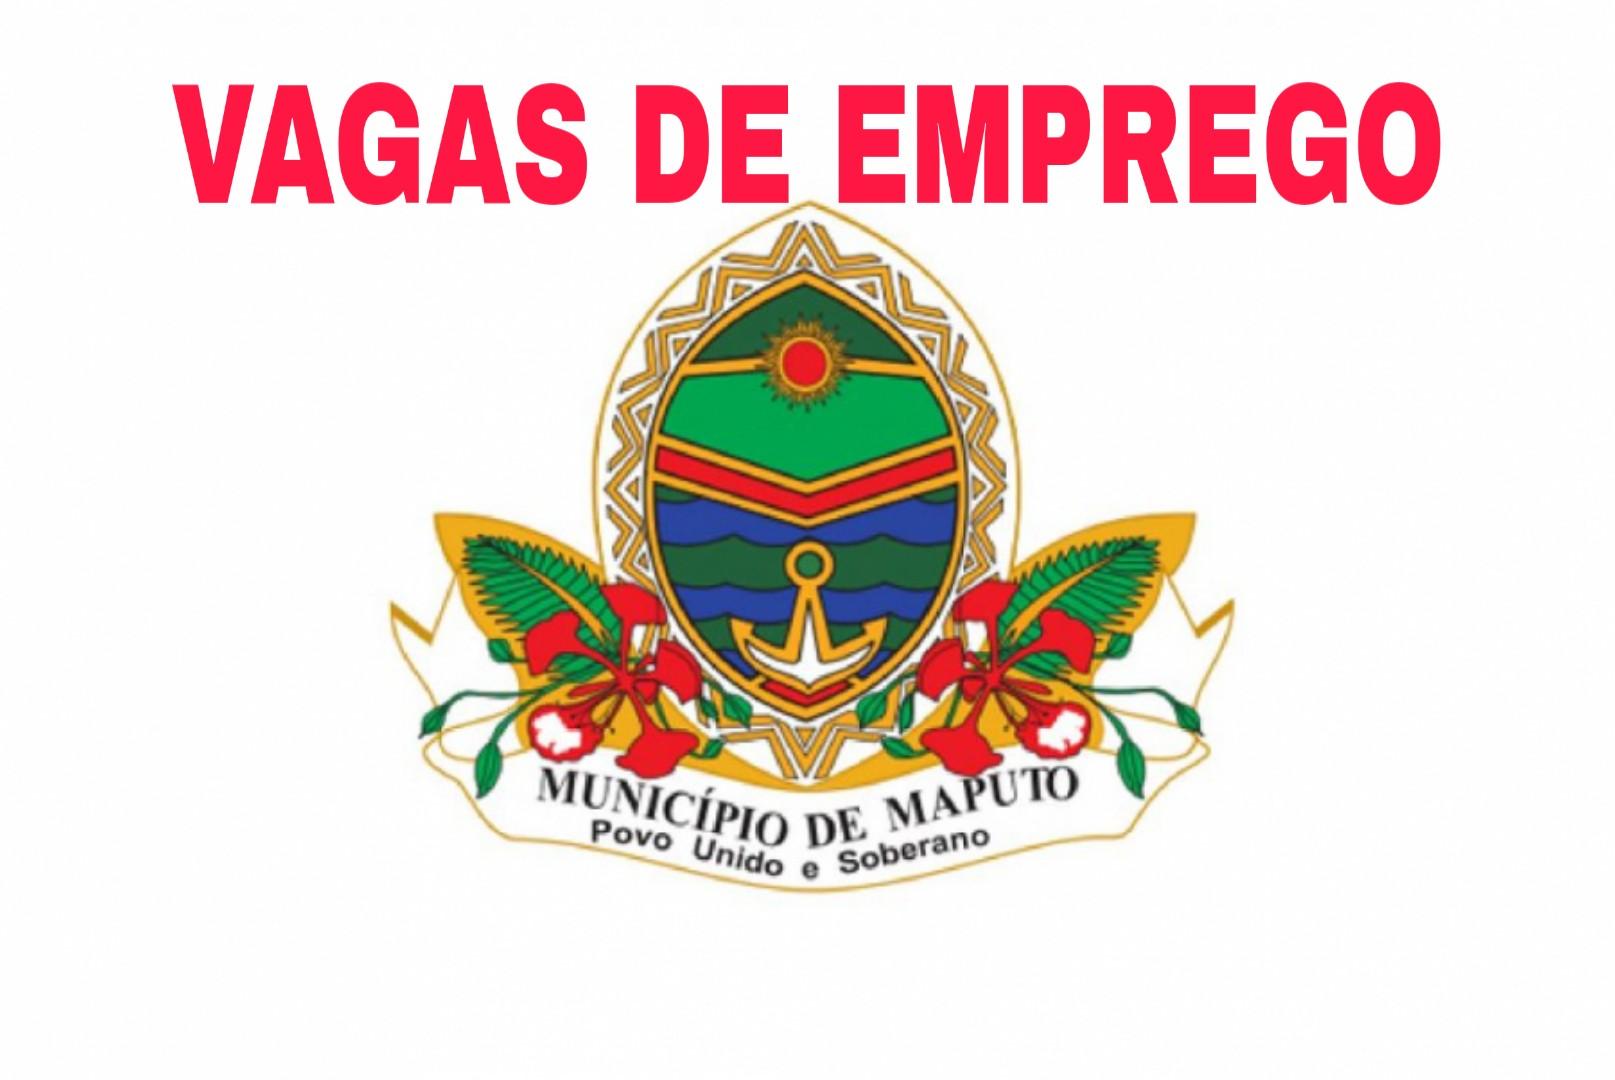 Sovagasmoz - Conselho Municipal de Maputo